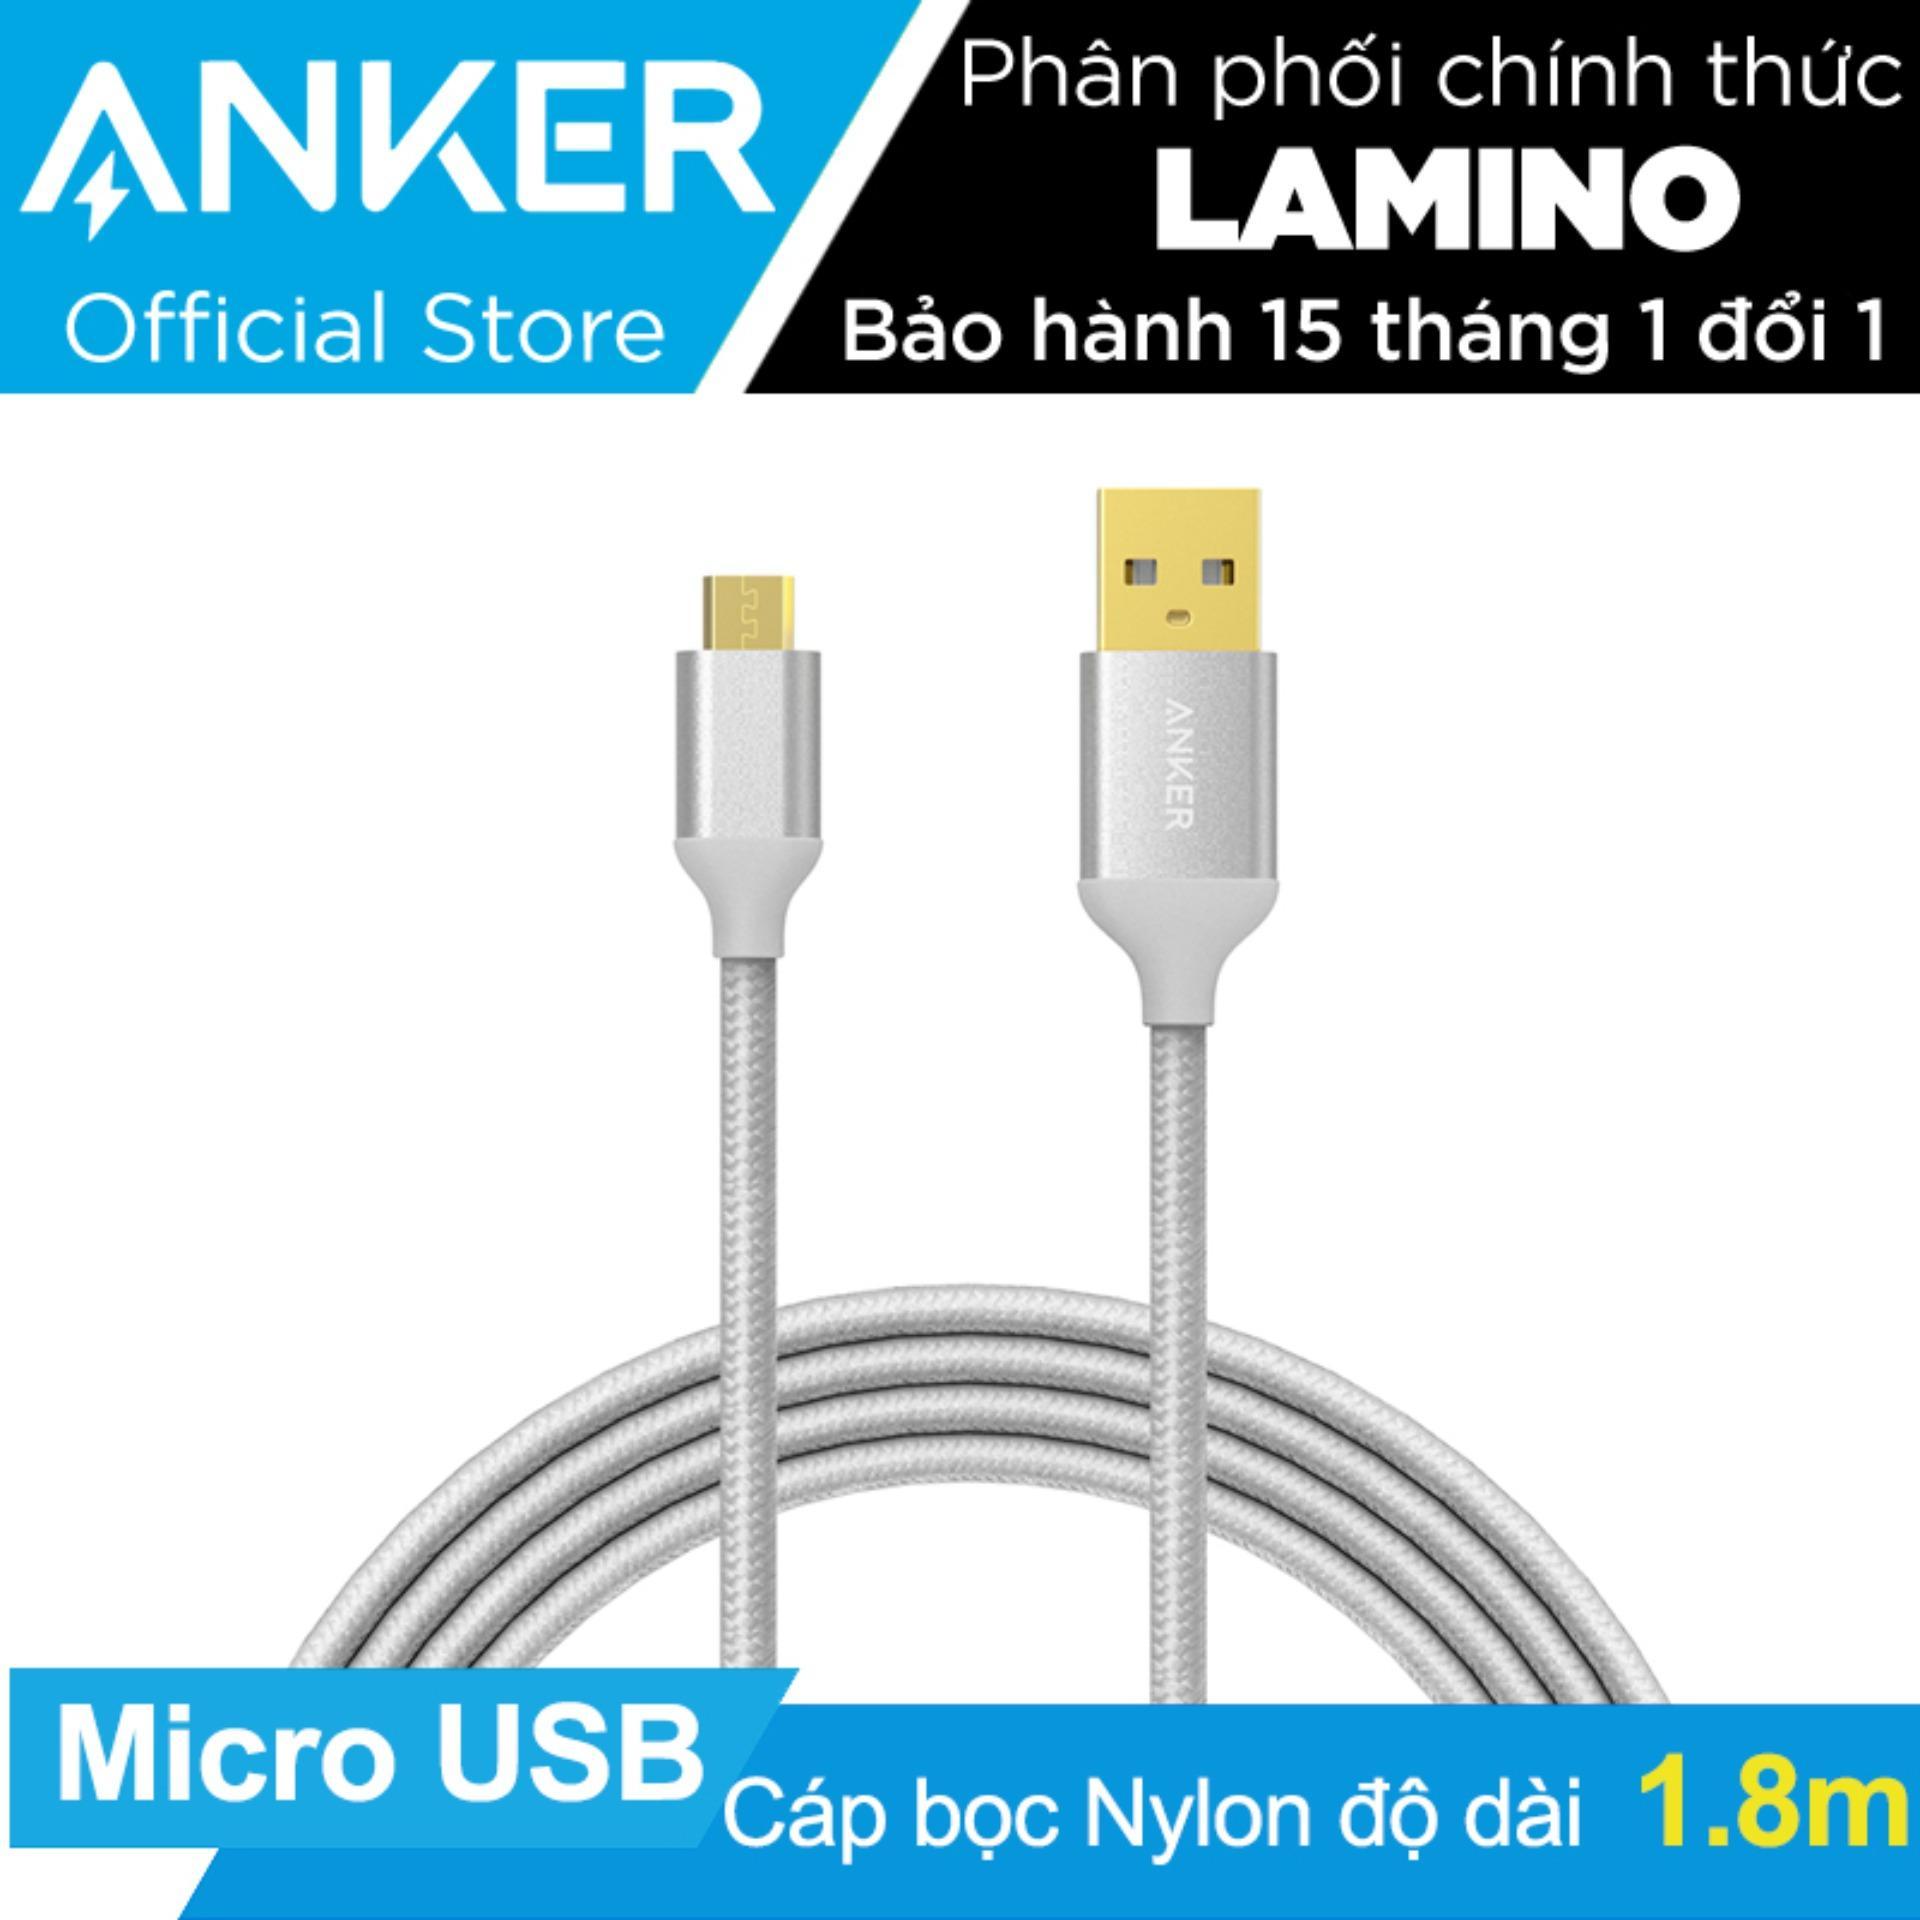 Cap Sạc Micro Usb Anker Bọc Nylon Dai 1 8M Bạc Hang Phan Phối Chinh Thức Anker Rẻ Trong Hồ Chí Minh